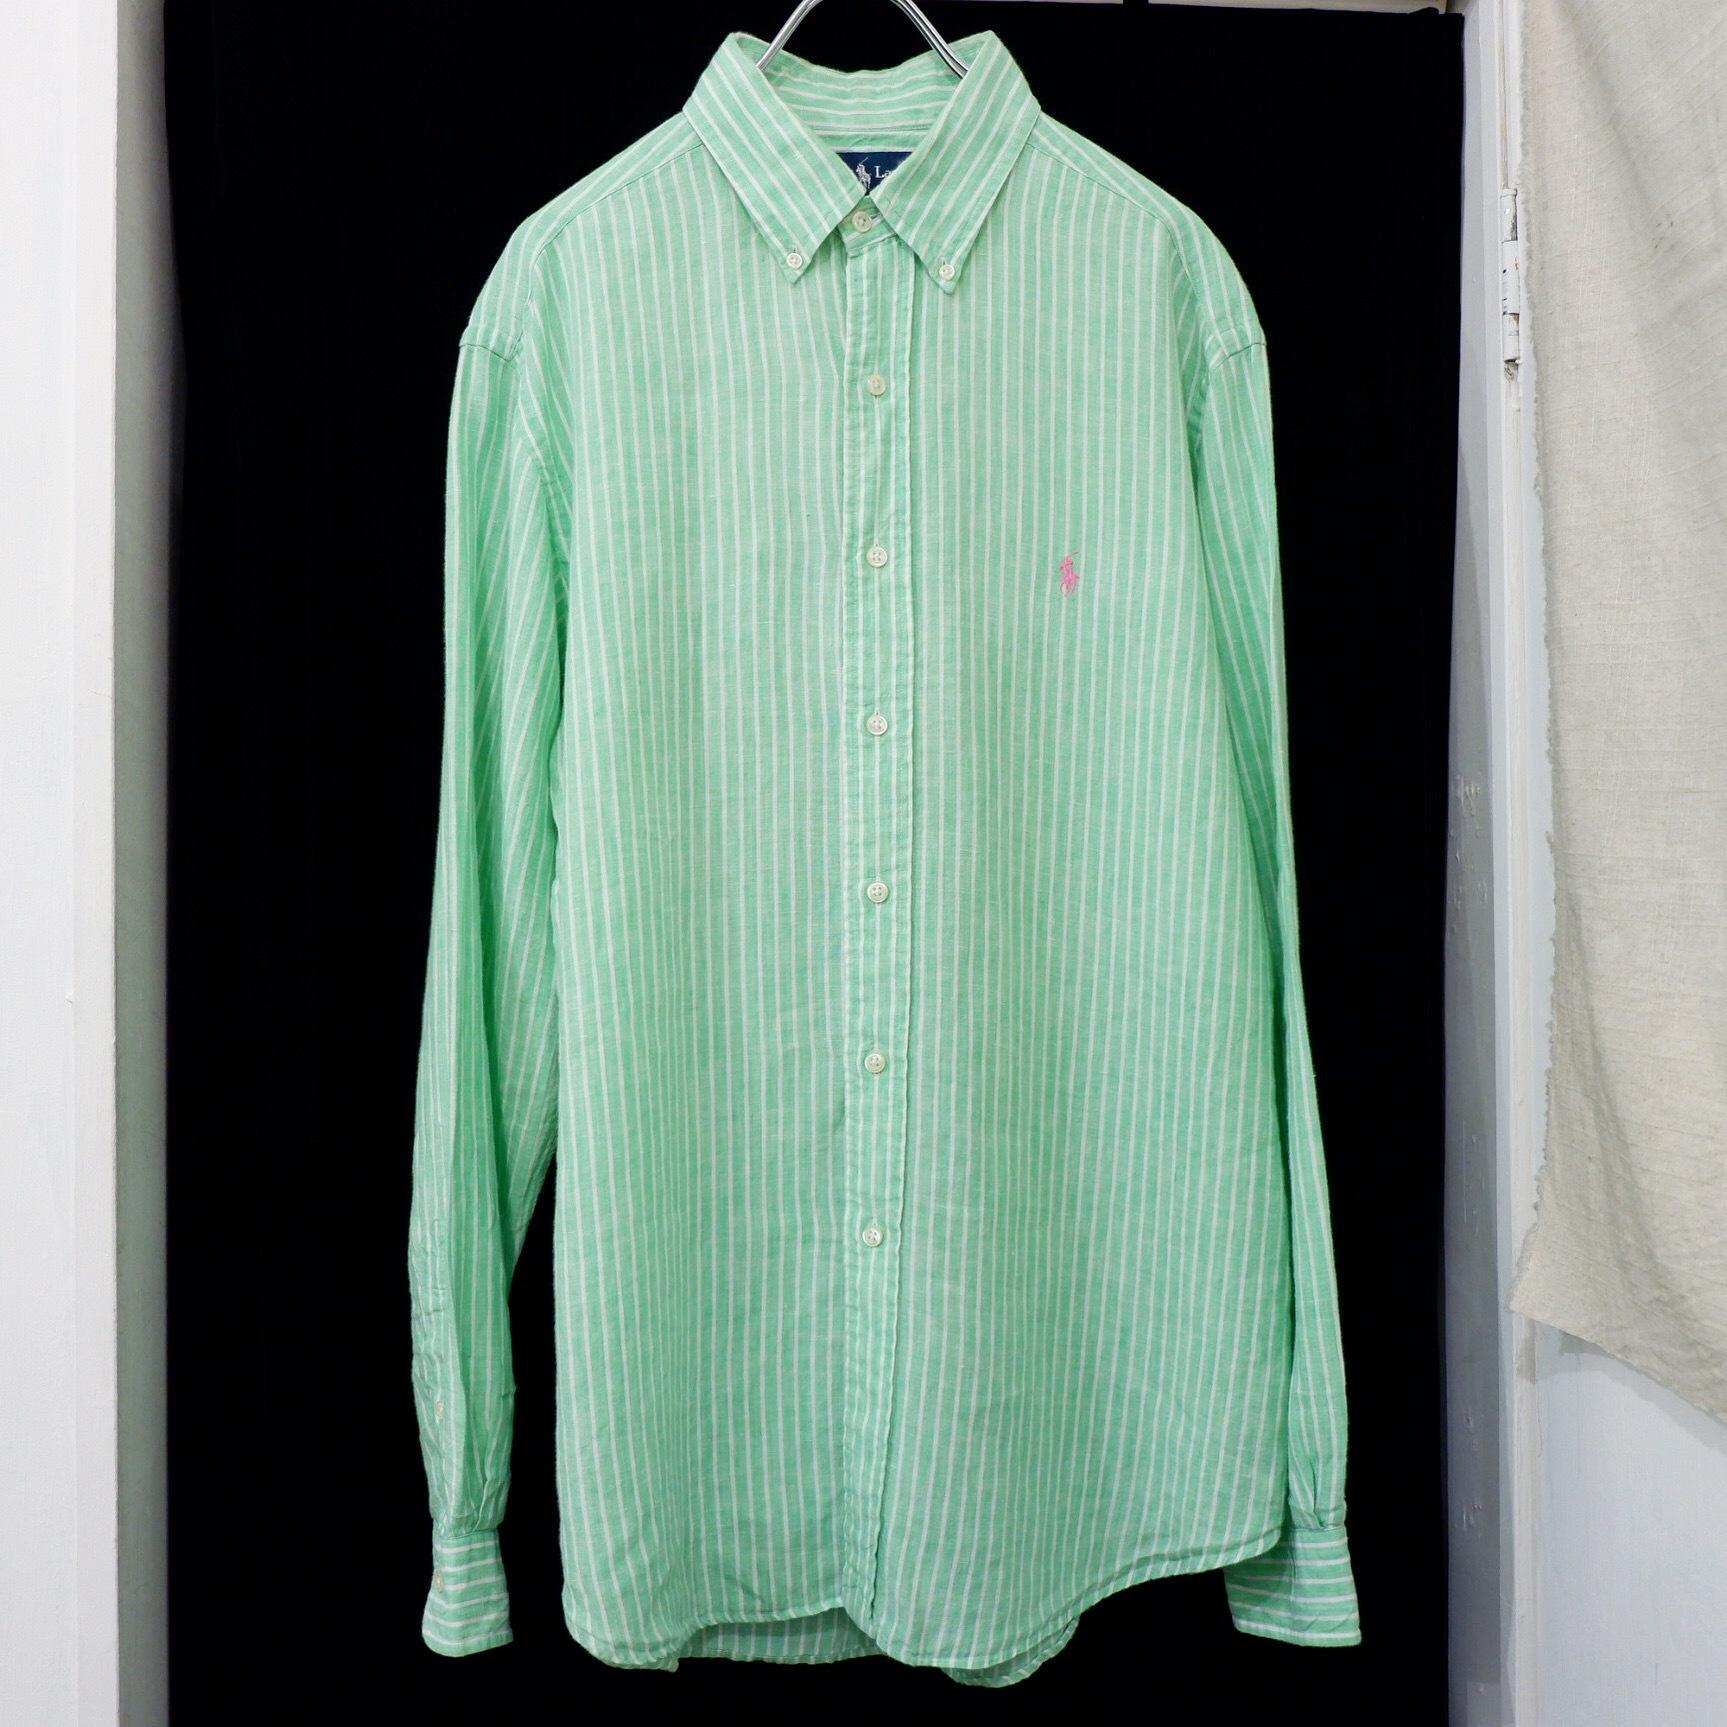 アメリカ古着 ralph lauren ストライプ リネンシャツ